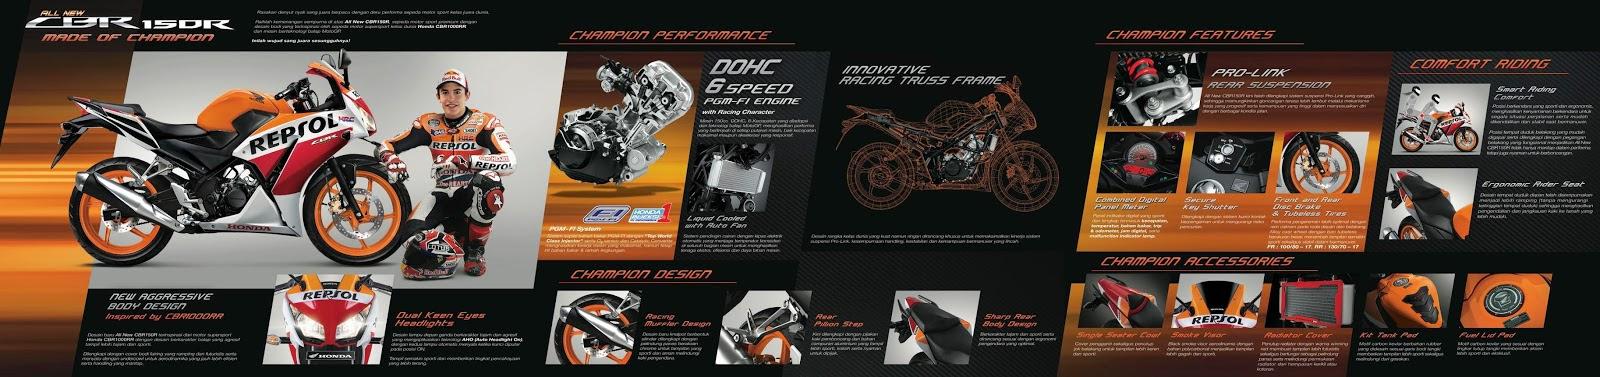 Harga Kredit Motor CBR R Honda Terbaru Untuk Sahabat